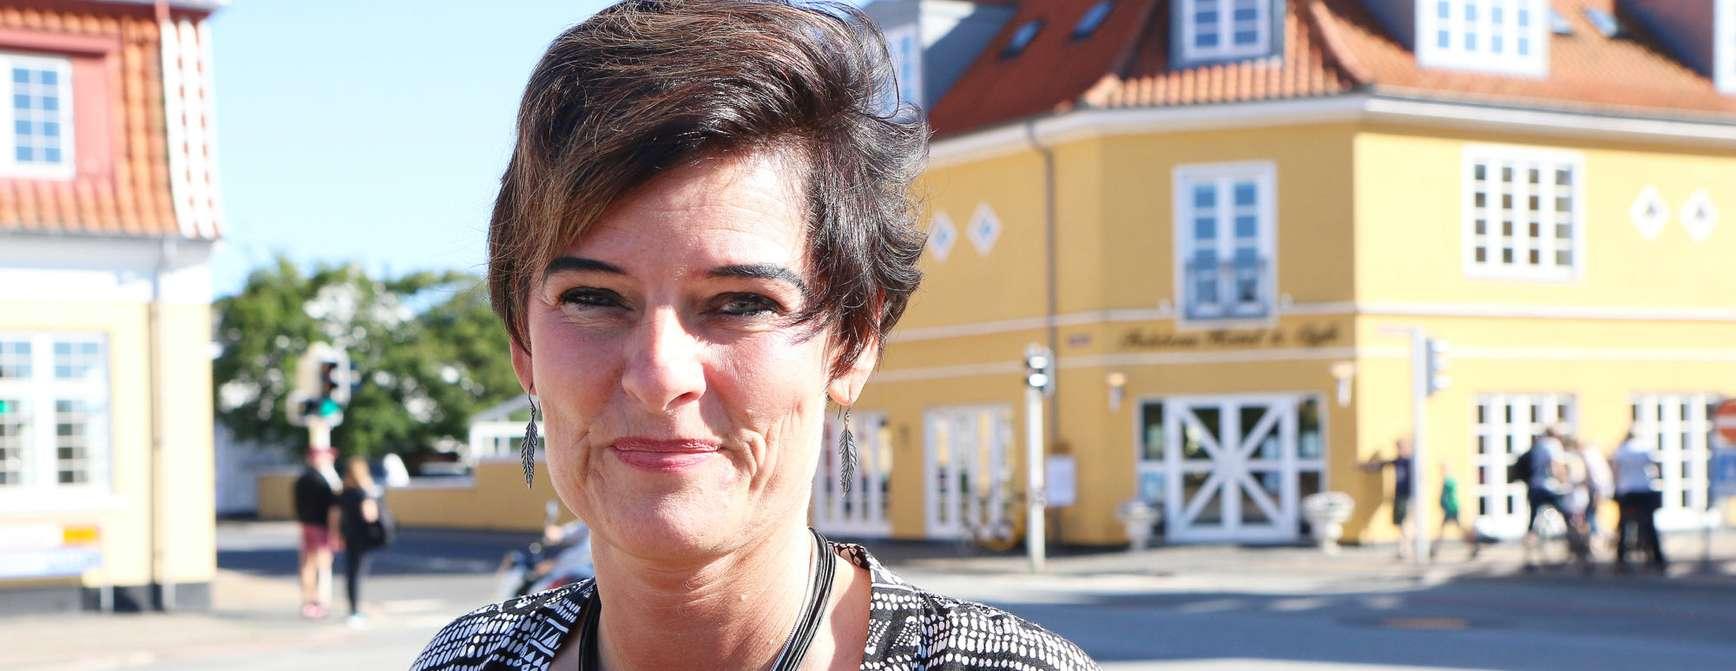 Direktør på Hotel Folden i Skagen, Gitte Nordmann